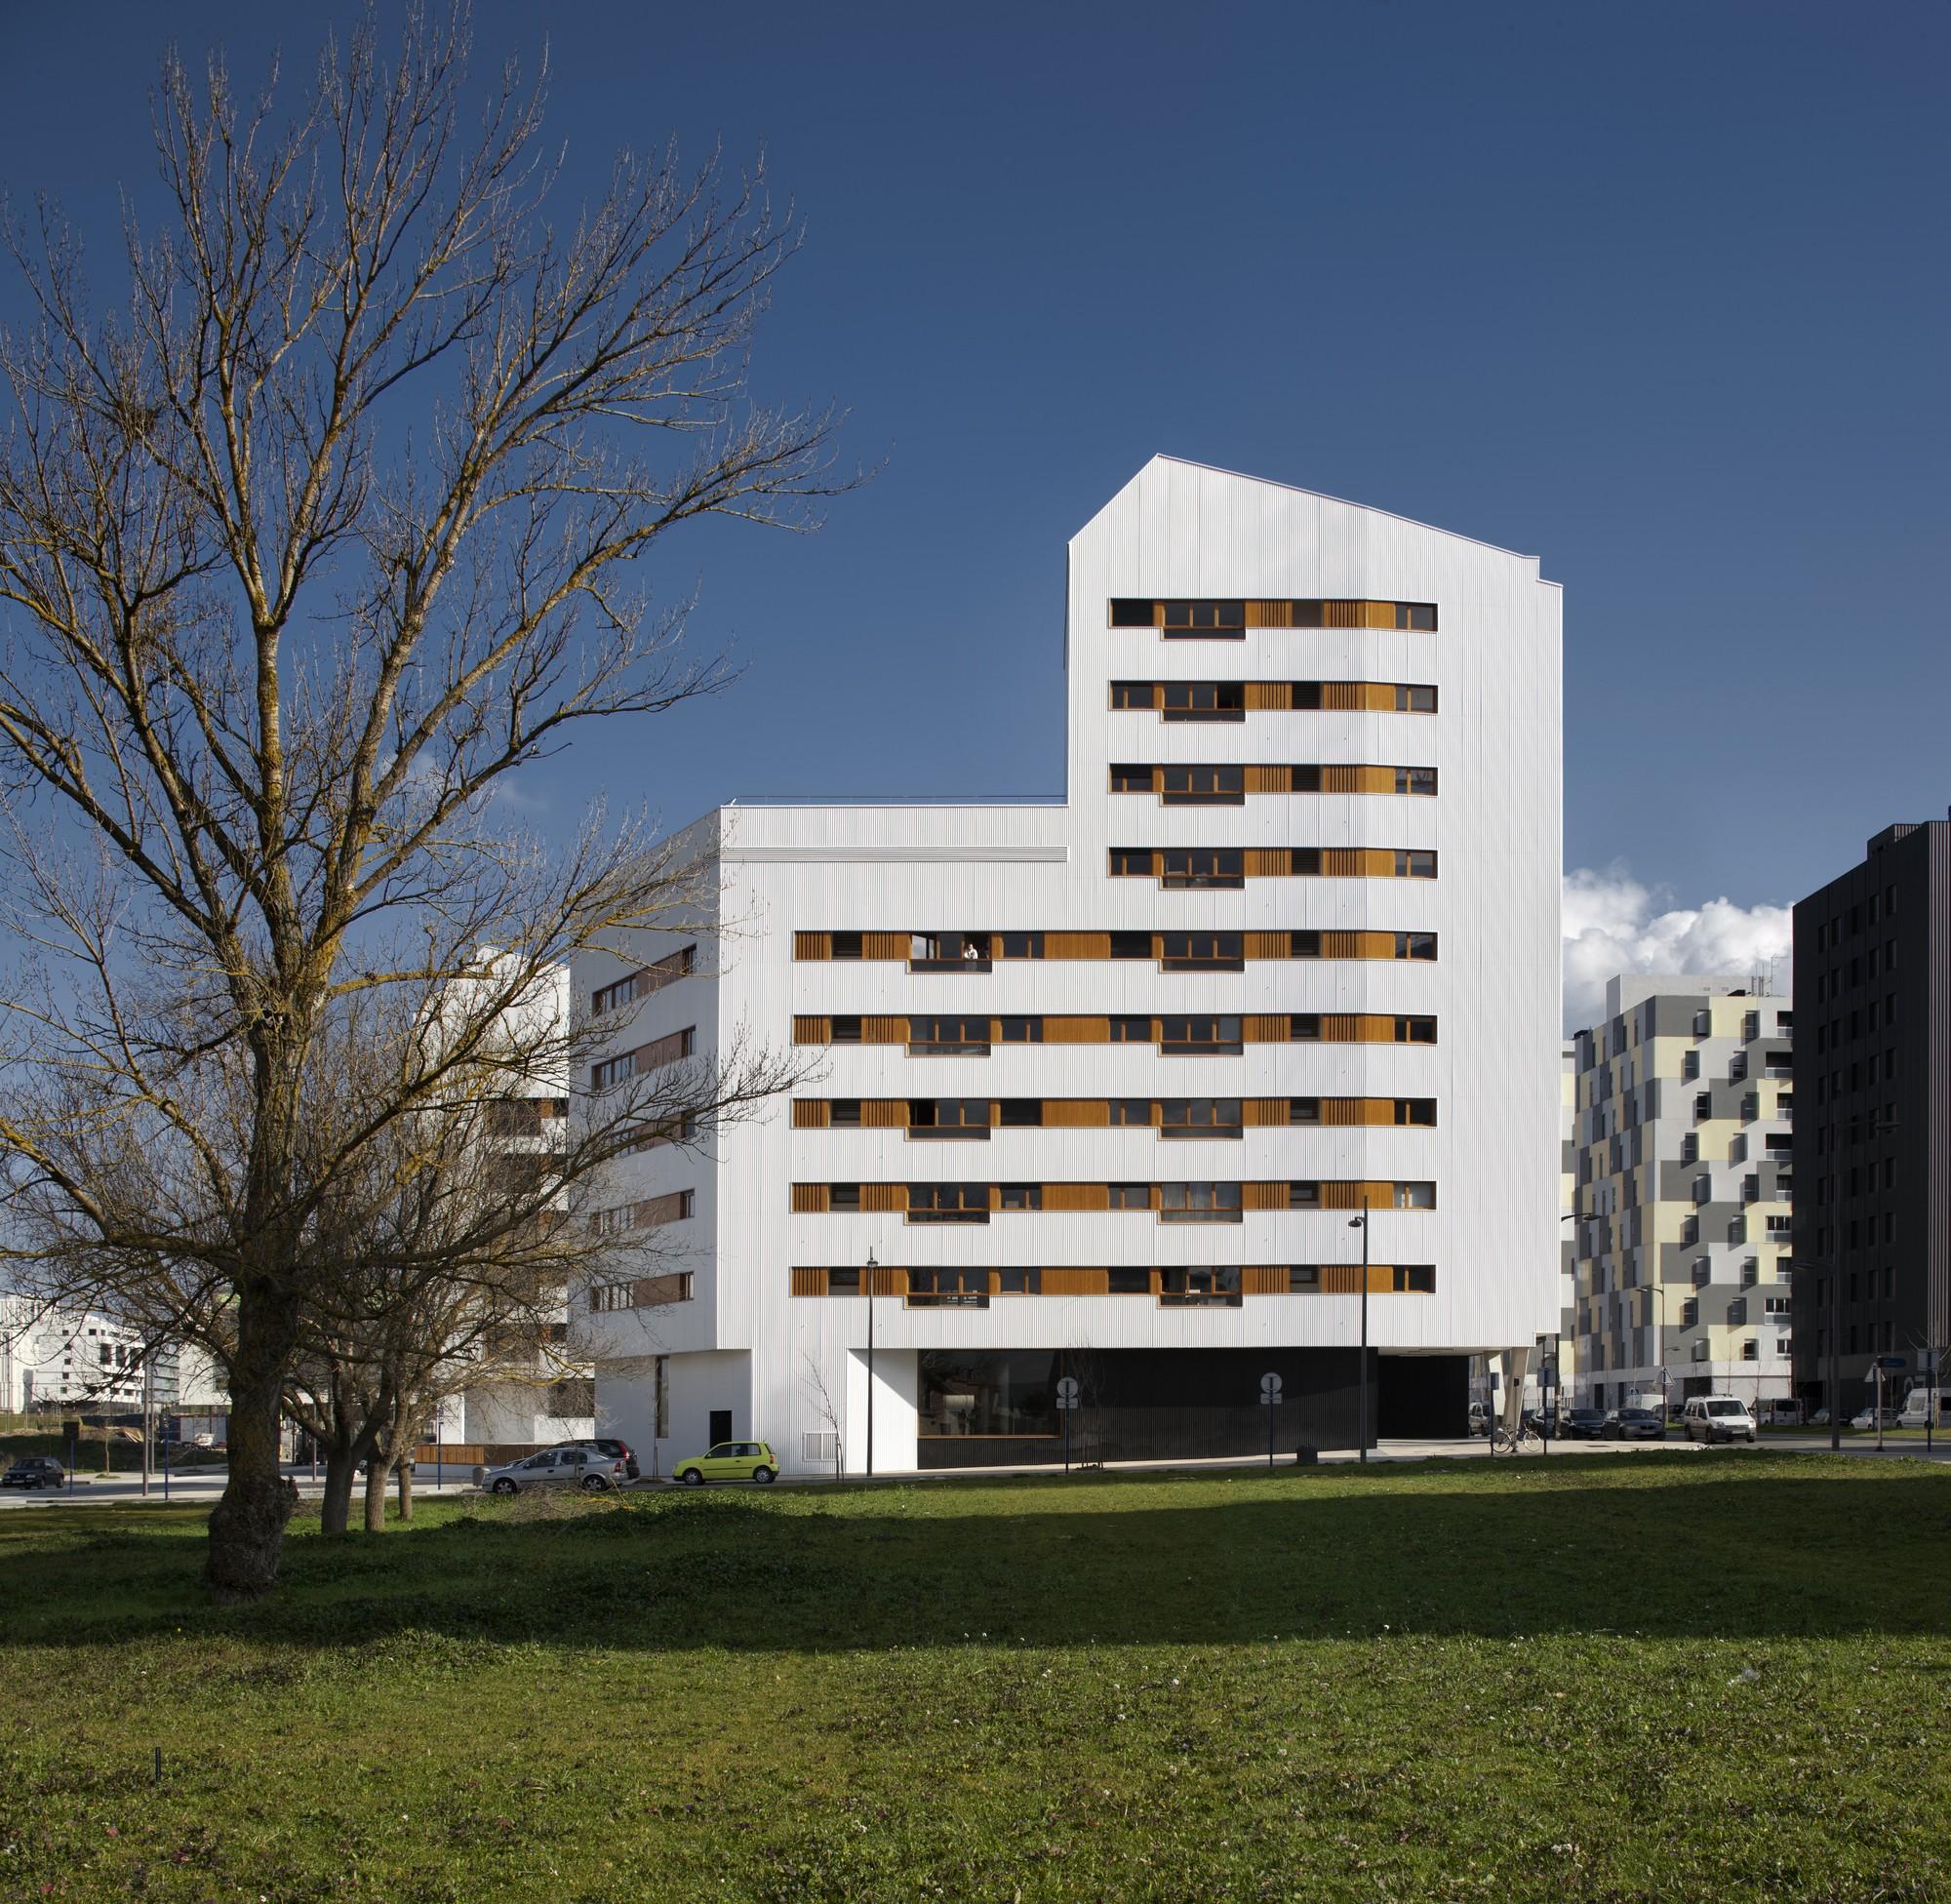 Galer a de nuevo grupo de viviendas de protecci n oficial - Arquitectos vitoria ...